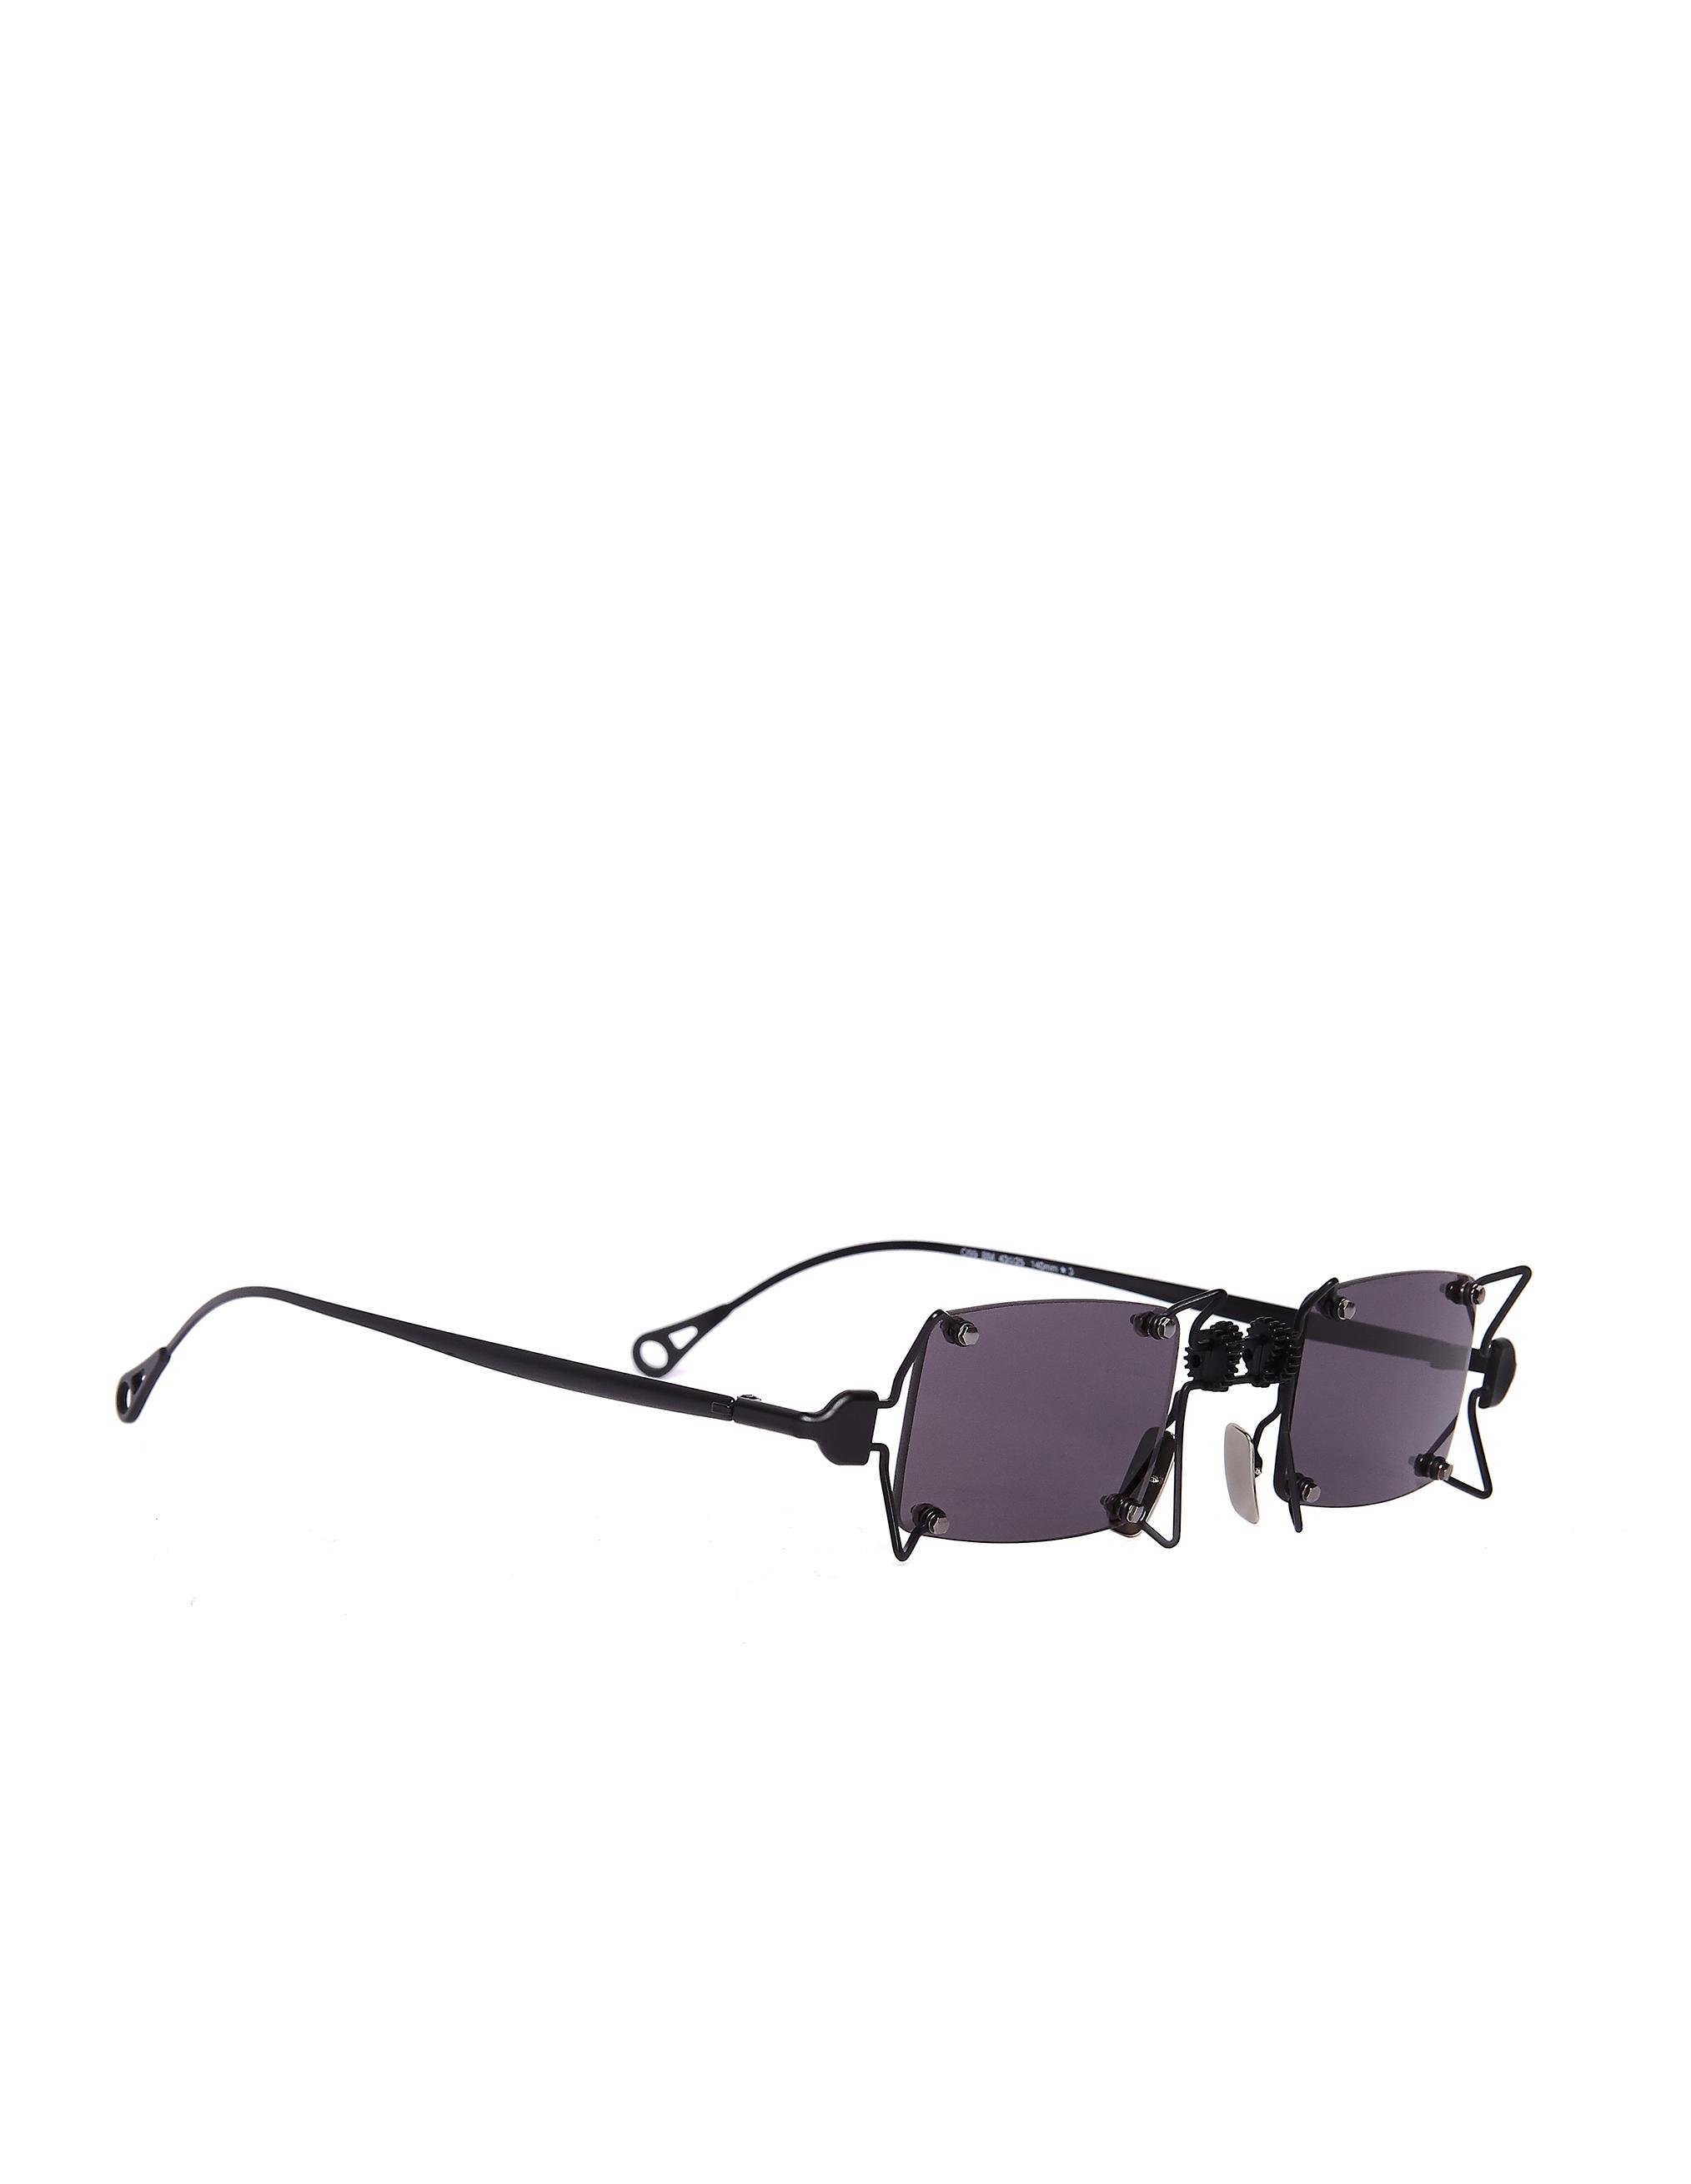 INNERRAUM Black Titanium Sunglasses